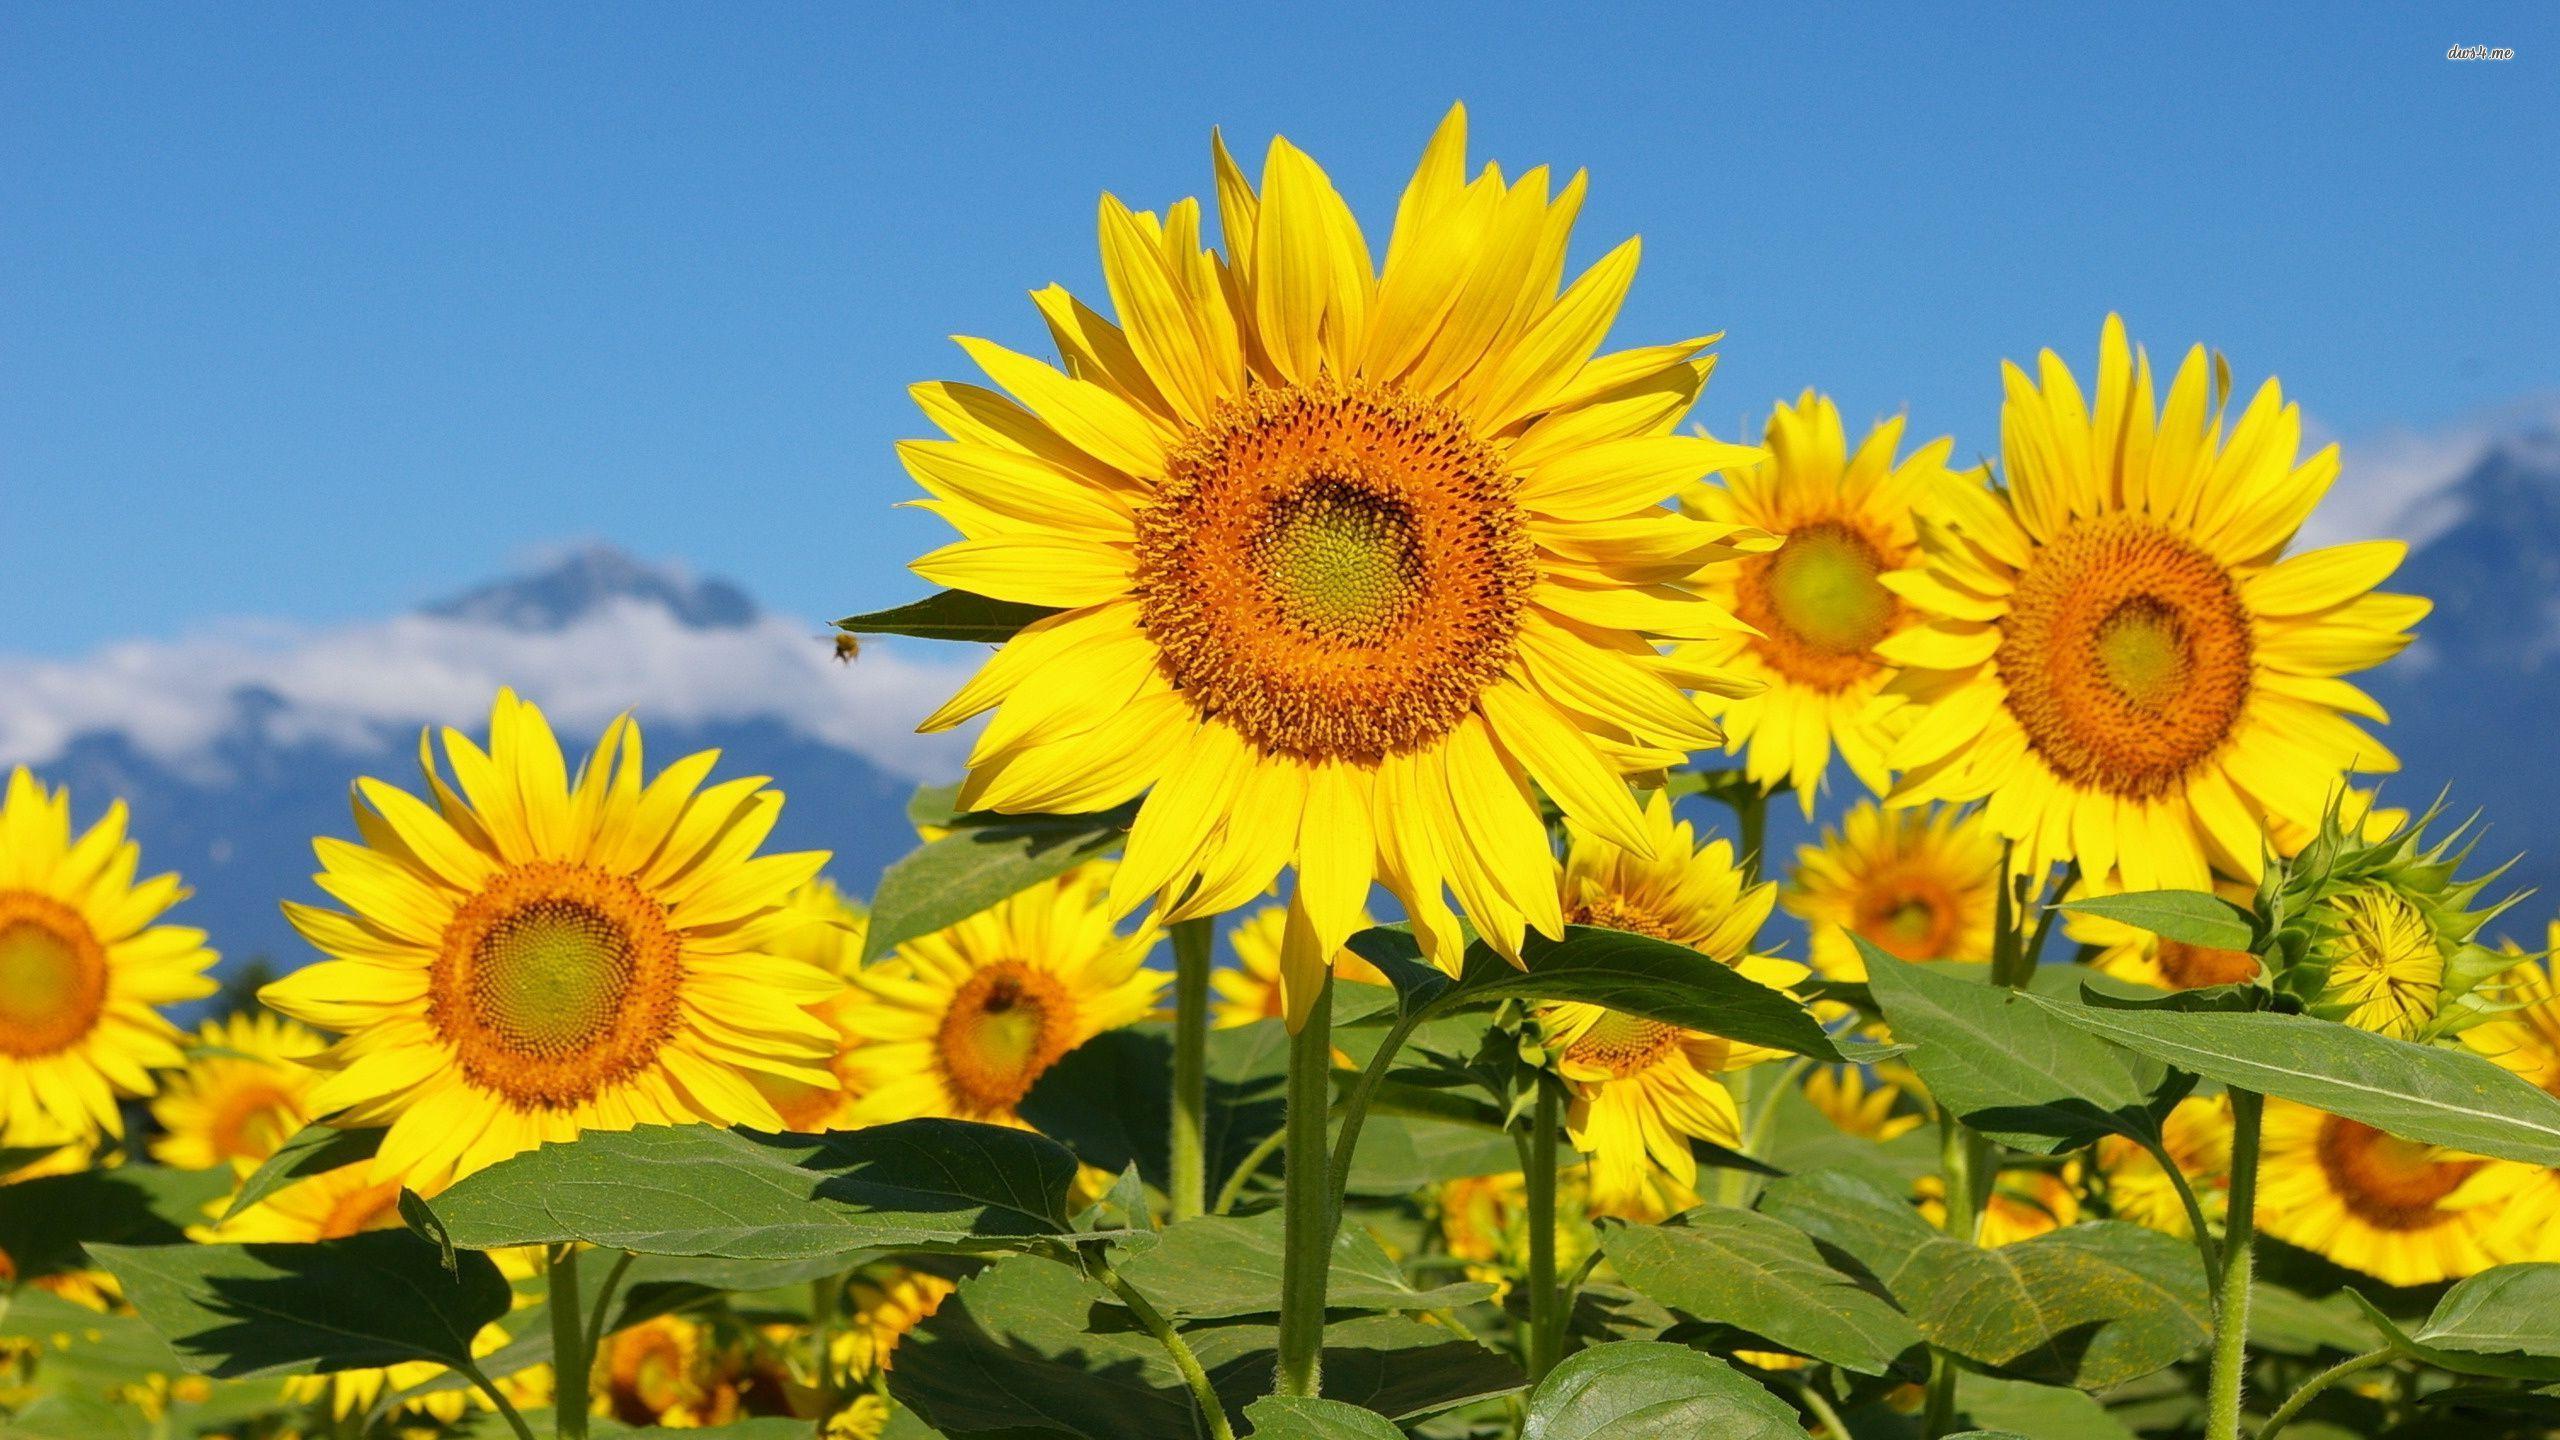 Sunflower Papéis De Parede, Plano De Fundo Área De